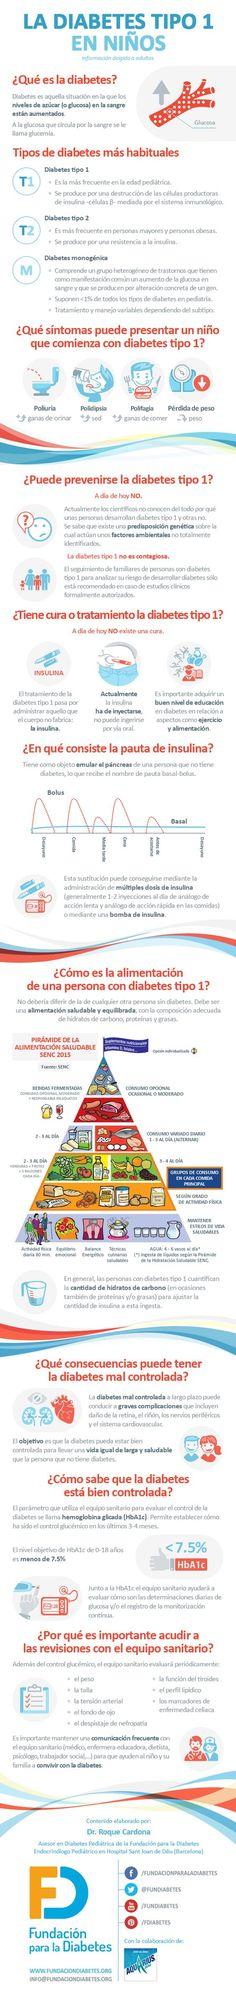 manejo del apoyo para el embarazo con diabetes tipo 1